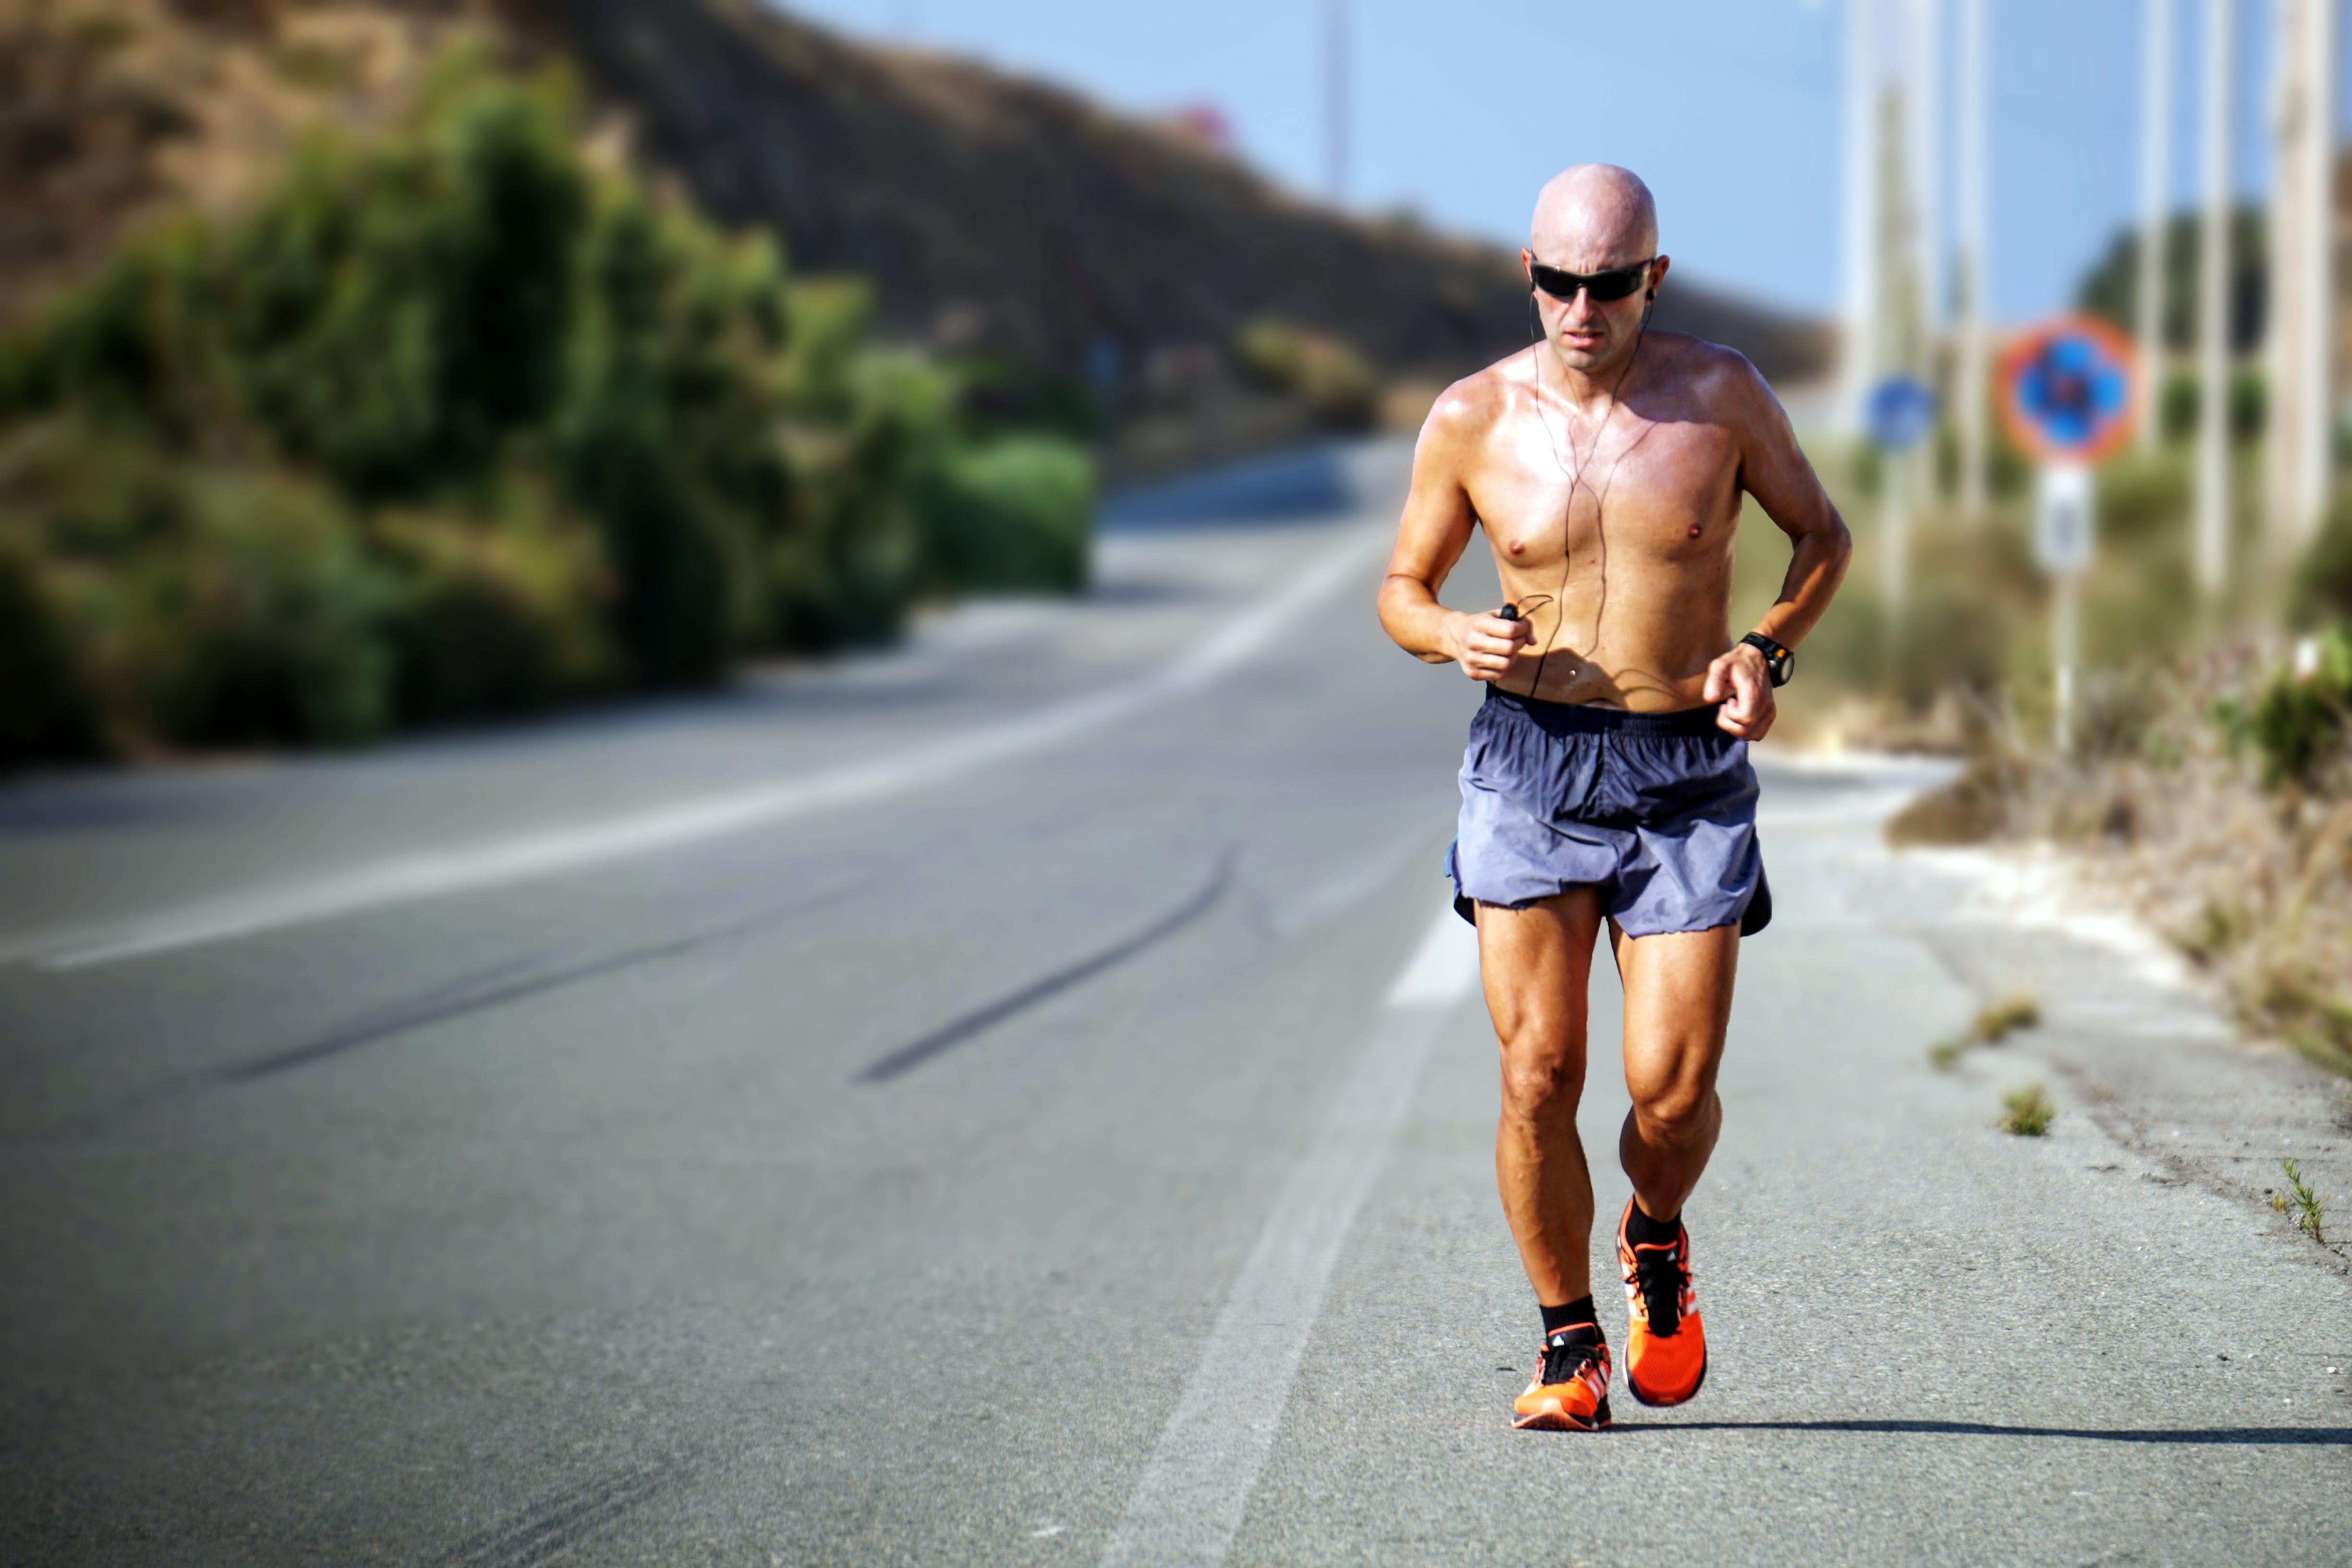 남자, 달리는, 달리다, 레크리에이션의 무료 스톡 사진